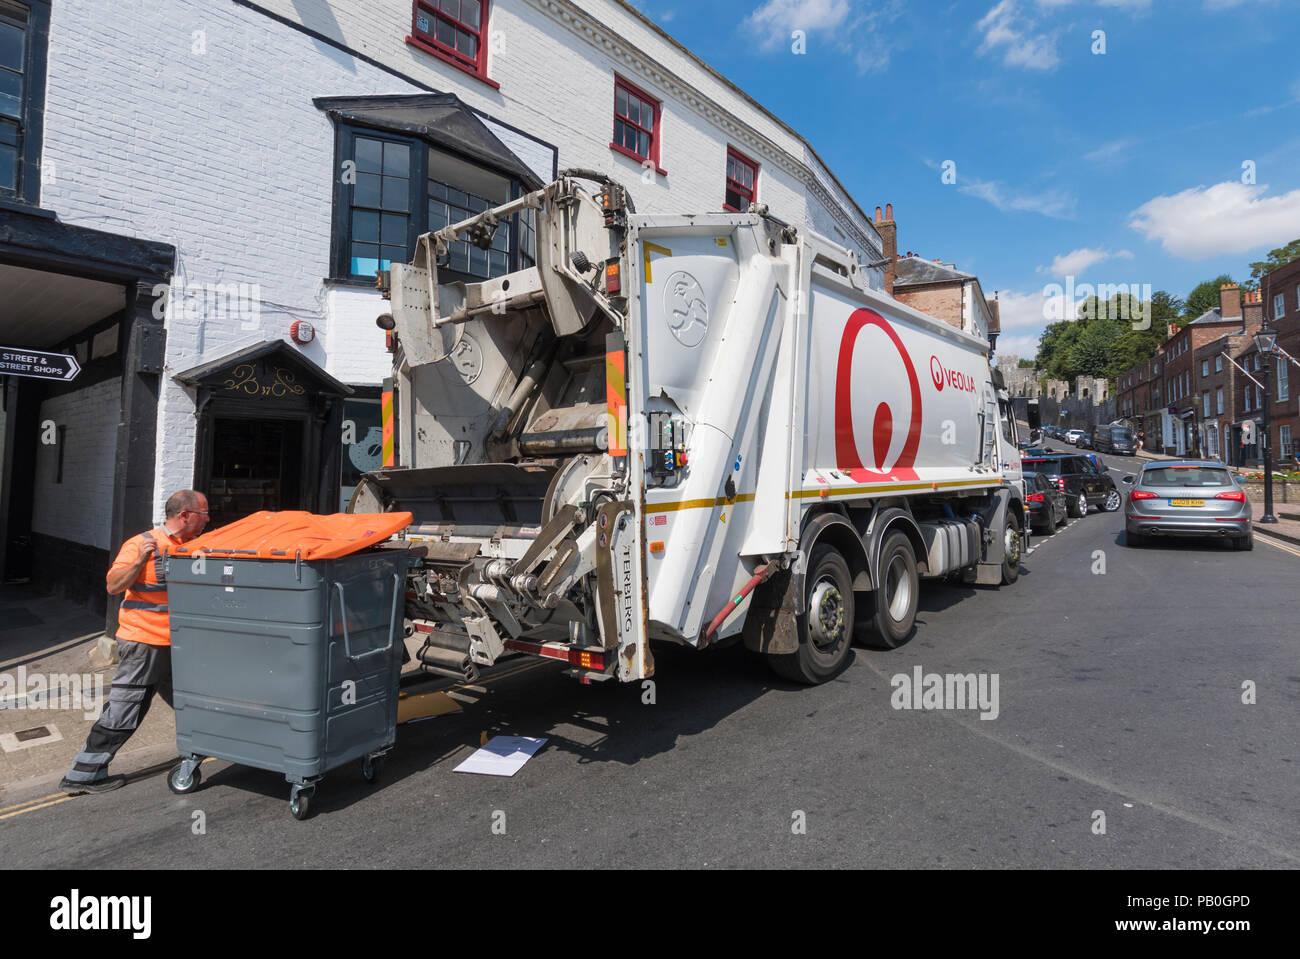 Veolia carretilla fuera tiendas de High Street la recogida de residuos basura en Arundel, West Sussex, Inglaterra, Reino Unido. Imagen De Stock